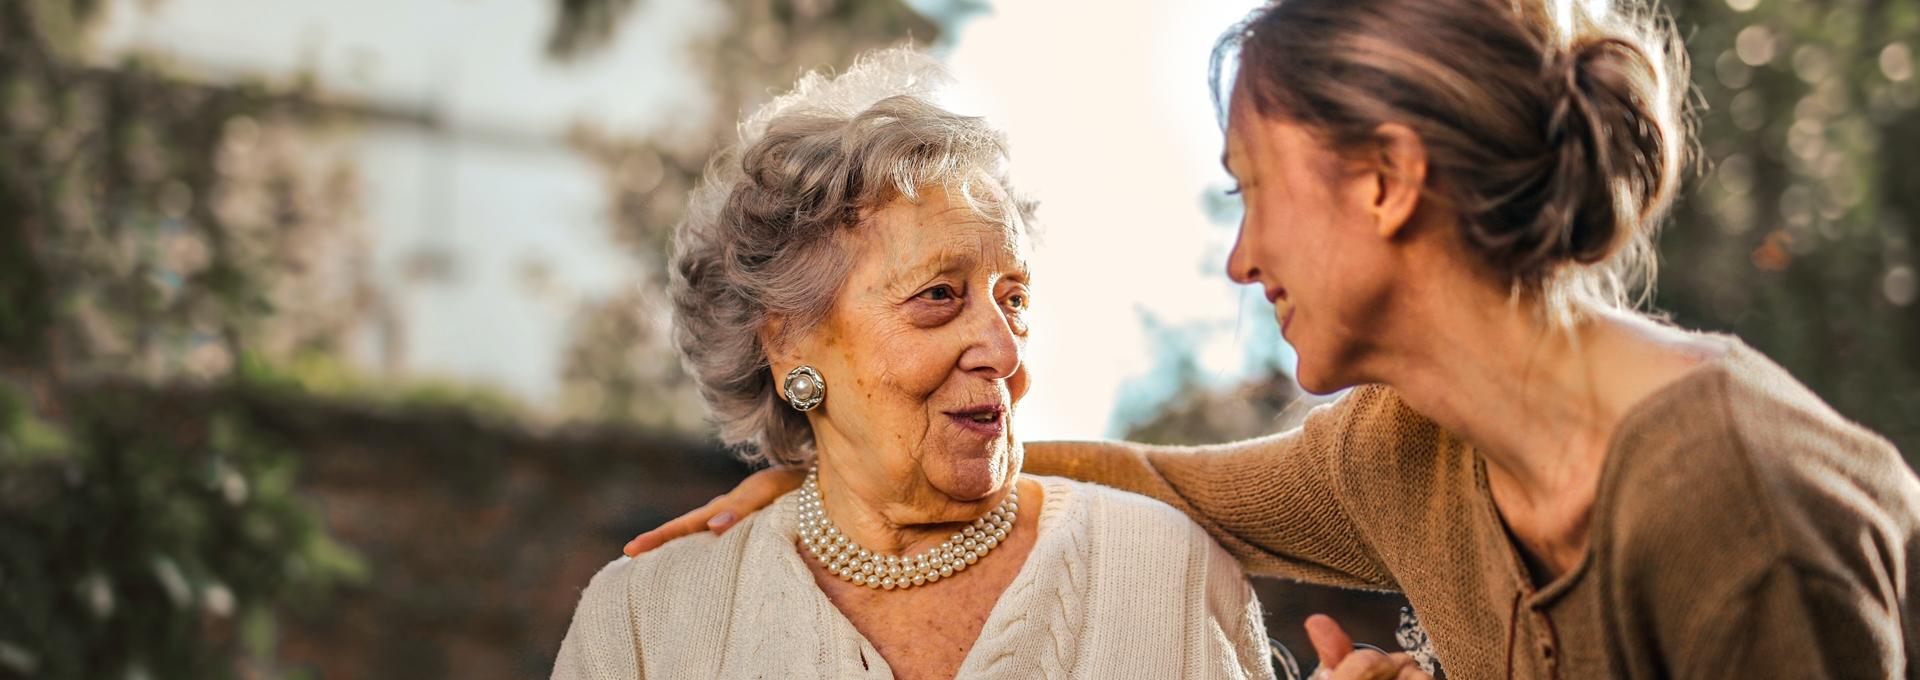 Как наладить отношения с родителями, если раньше не получалось